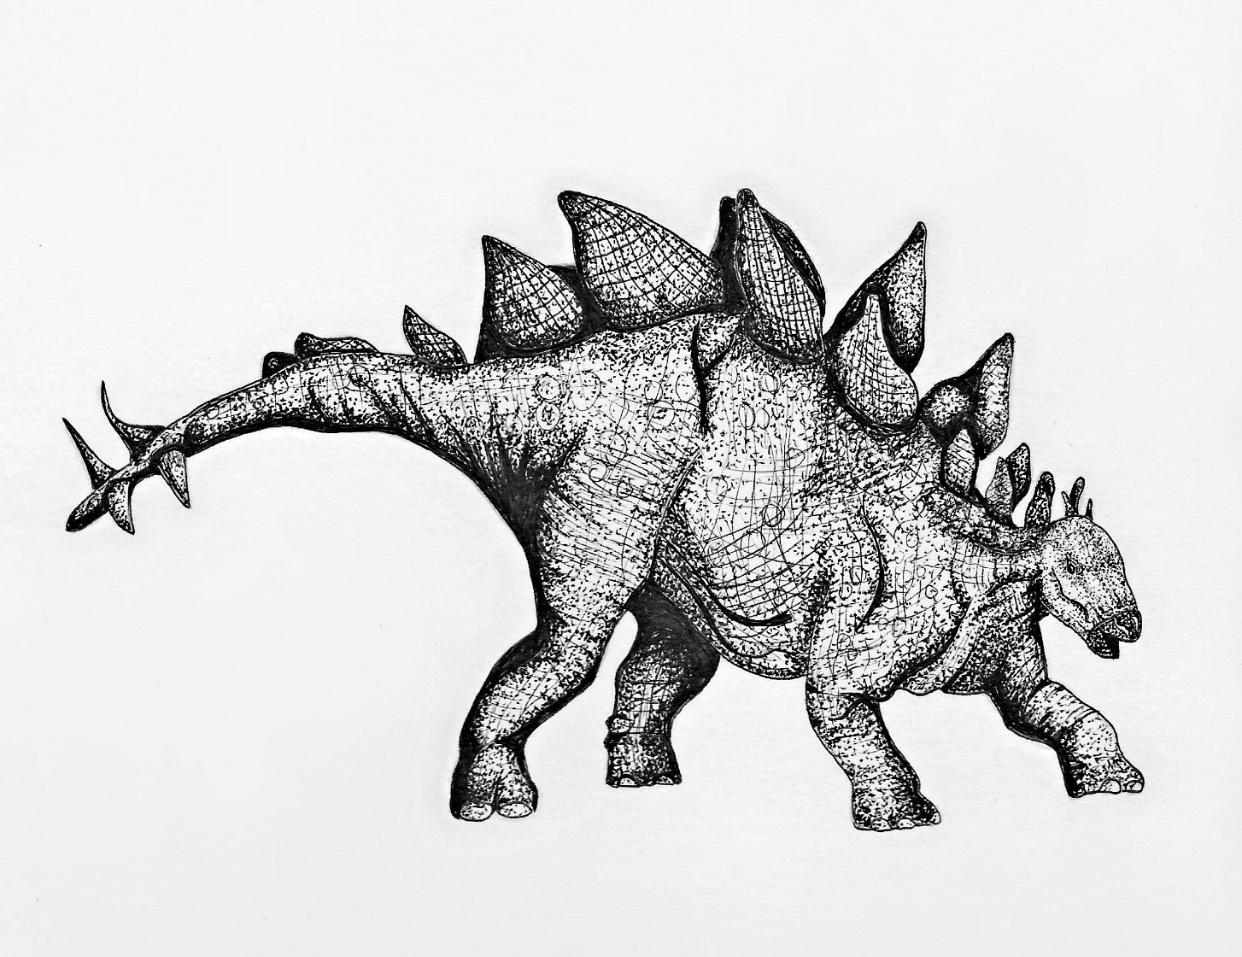 dino stegosaurus.jpg